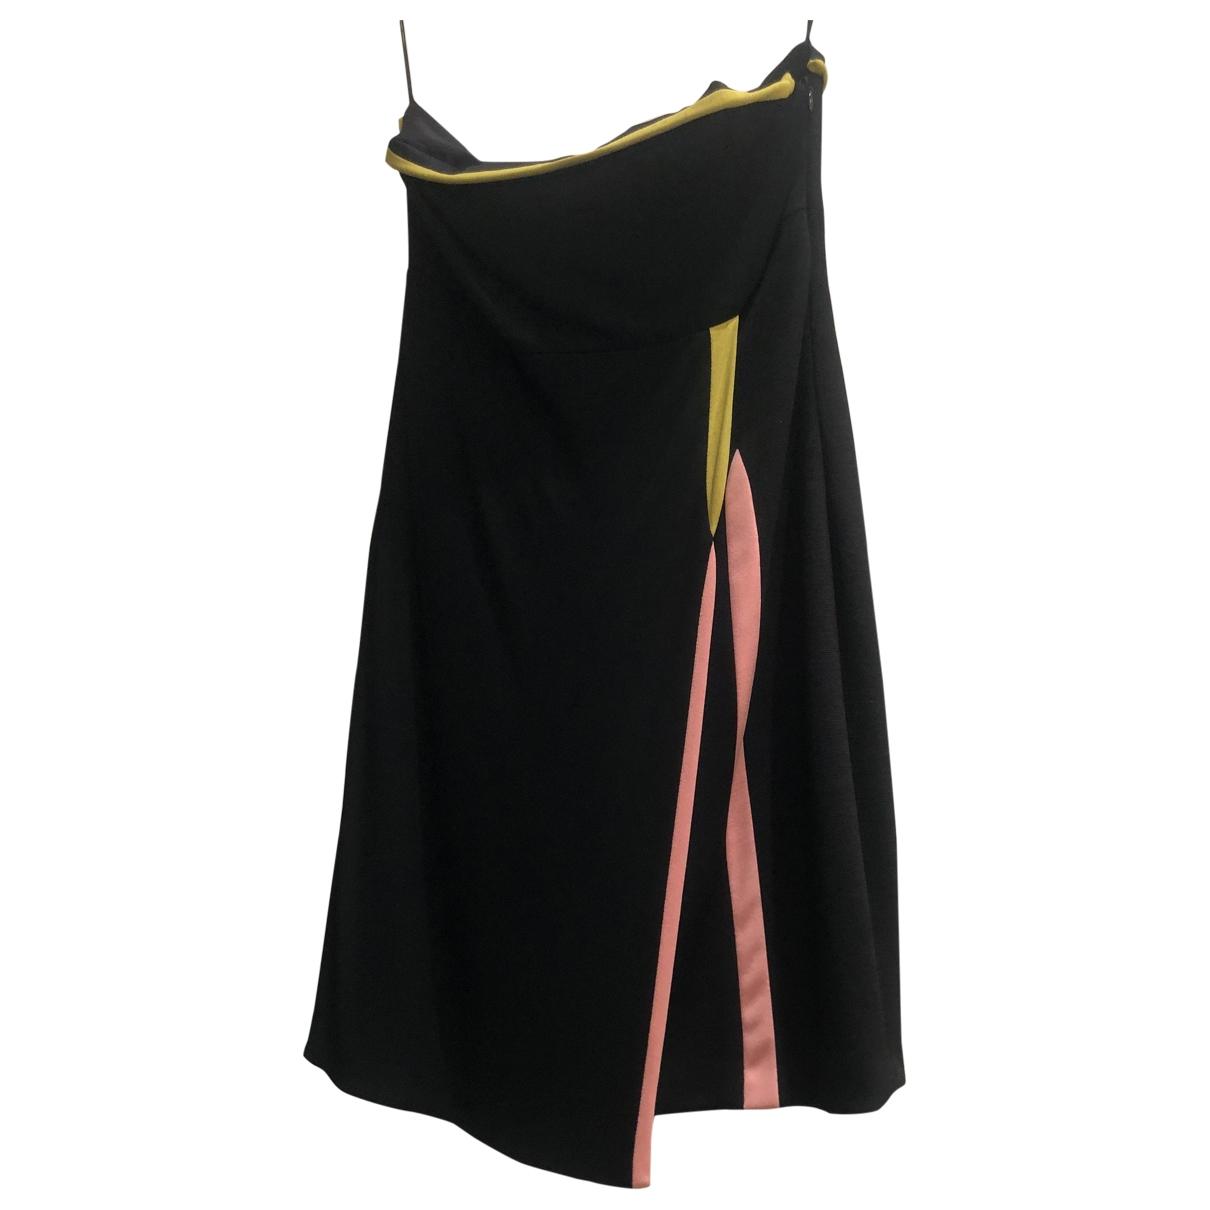 Gianni Versace \N Black Wool dress for Women 42 IT